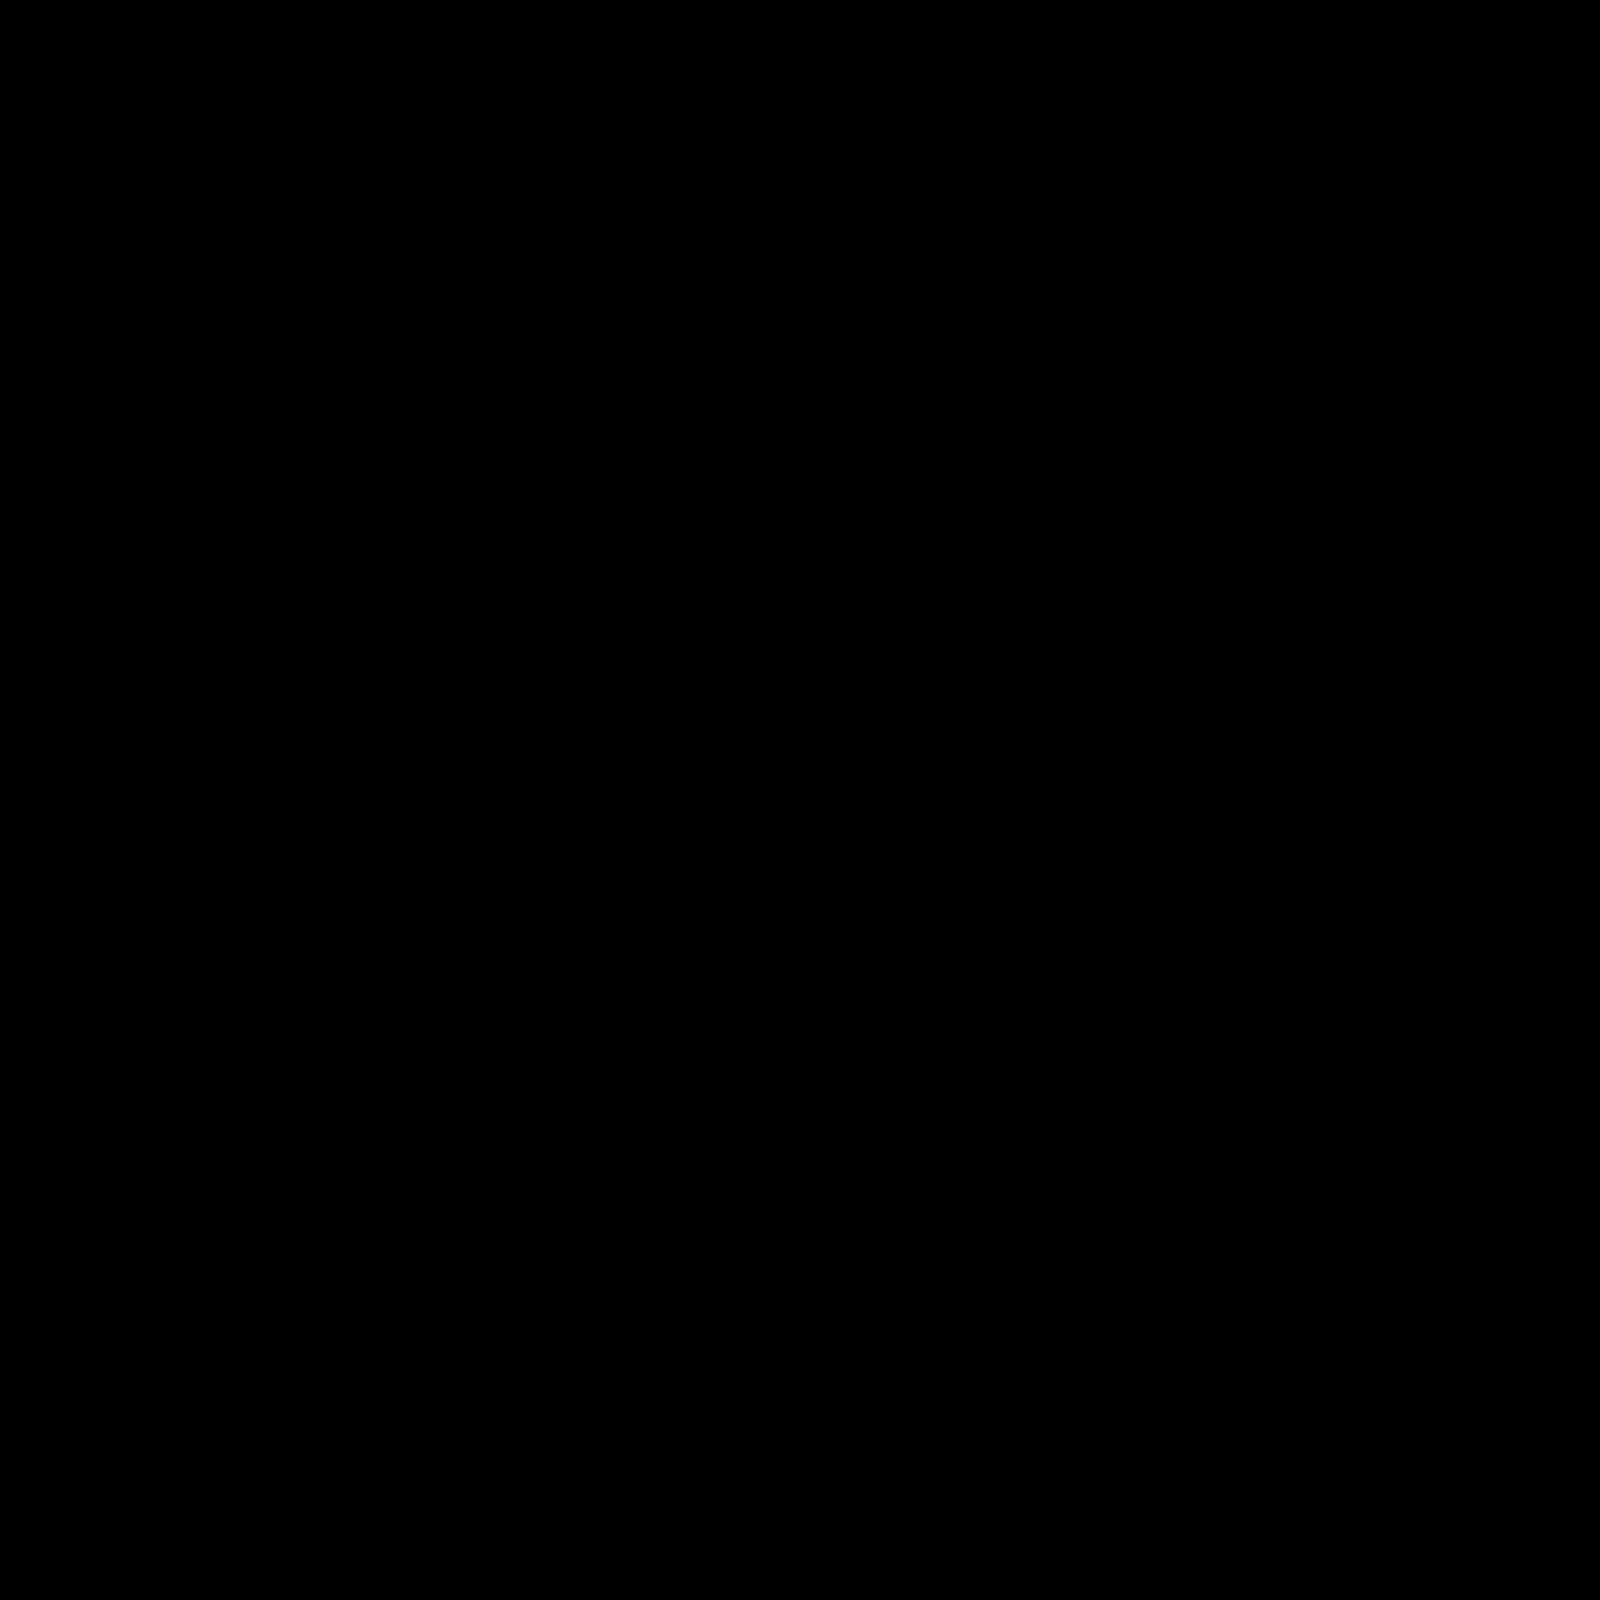 マルチエディット icon